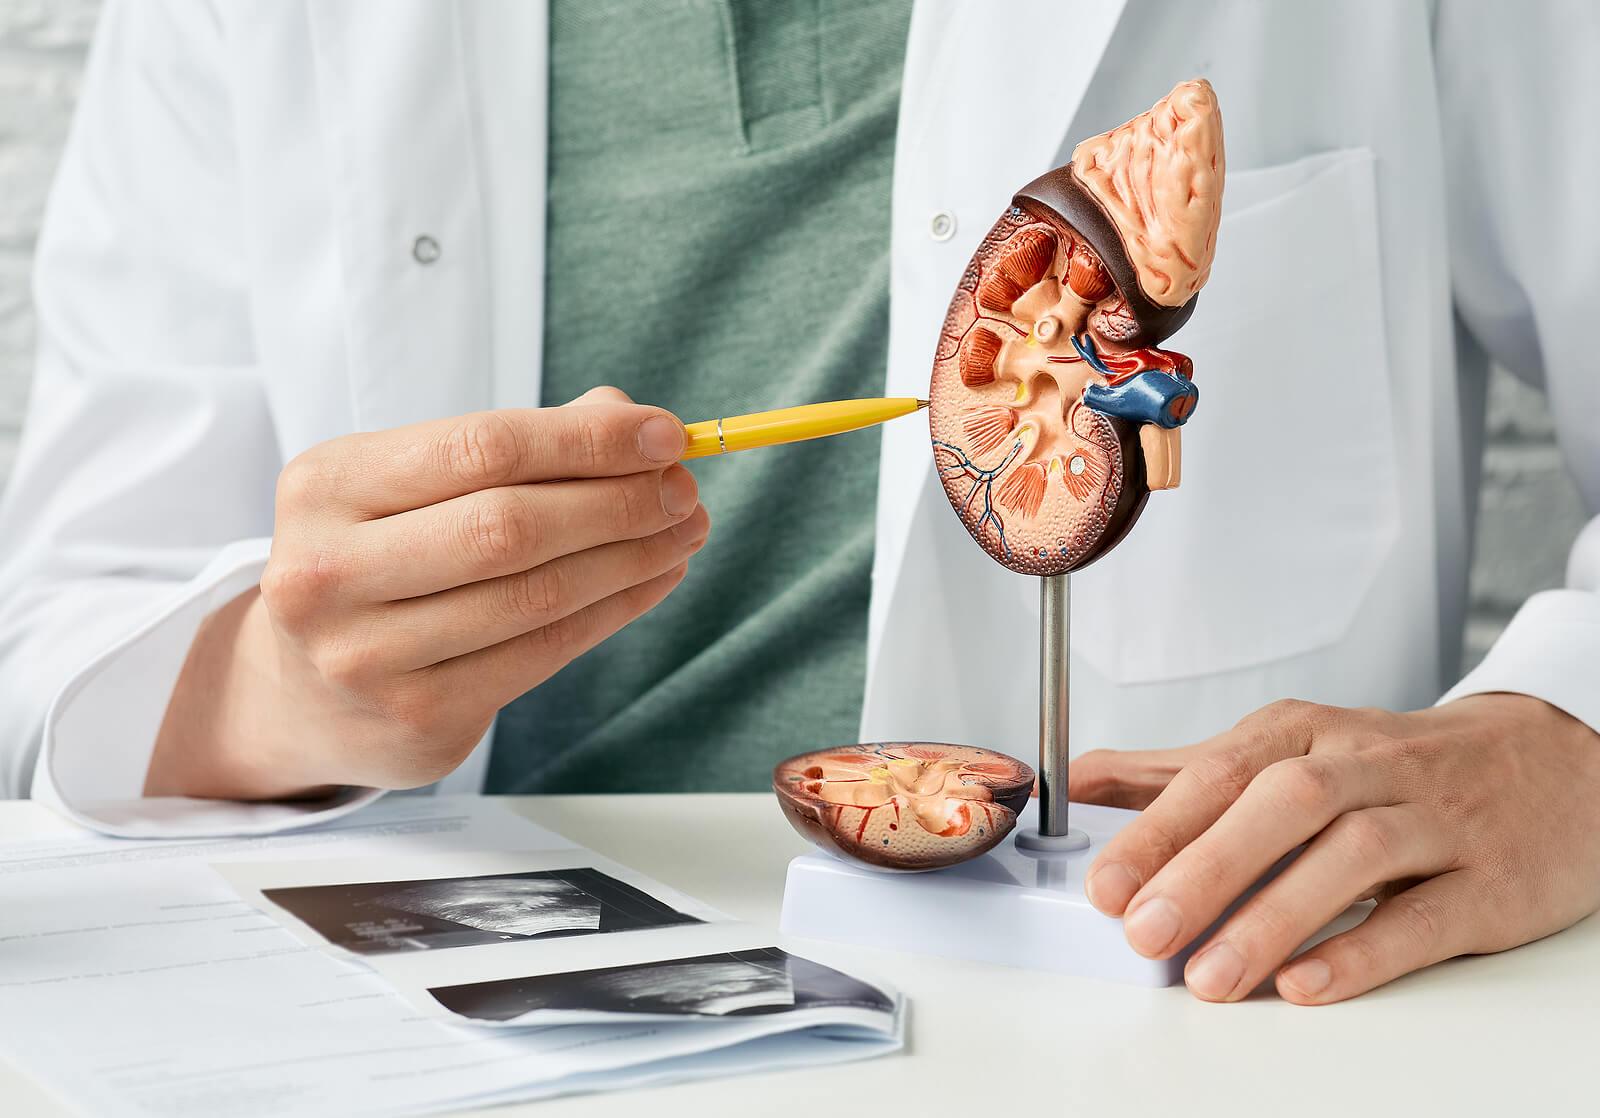 La diabetes y los problemas respiratorios se relacionan con daños en otros órganos